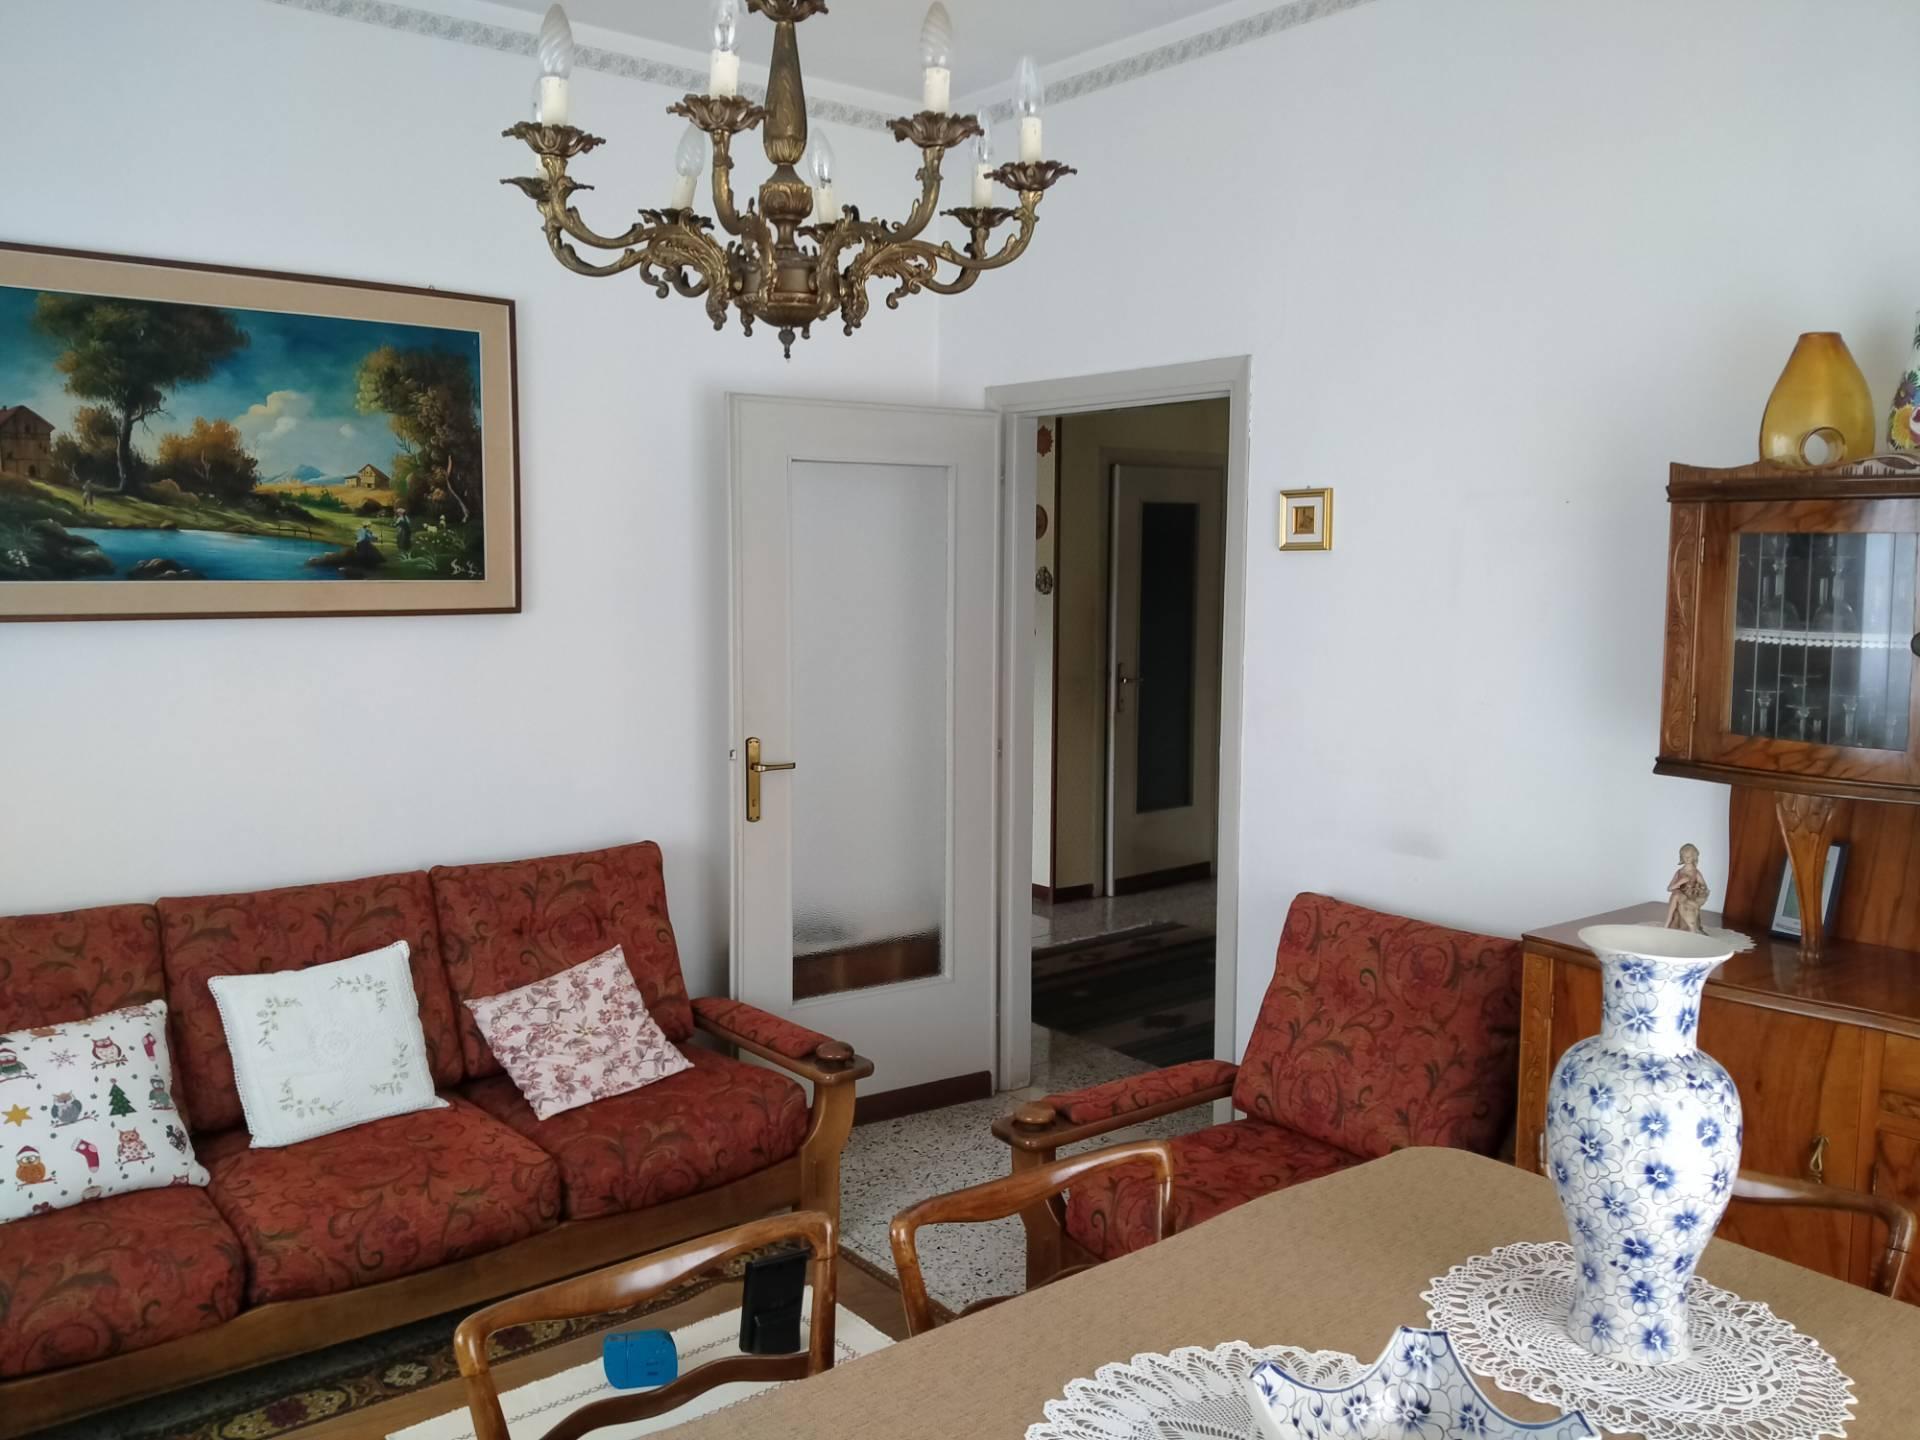 Appartamento in vendita a Azzate, 4 locali, prezzo € 98.000 | PortaleAgenzieImmobiliari.it